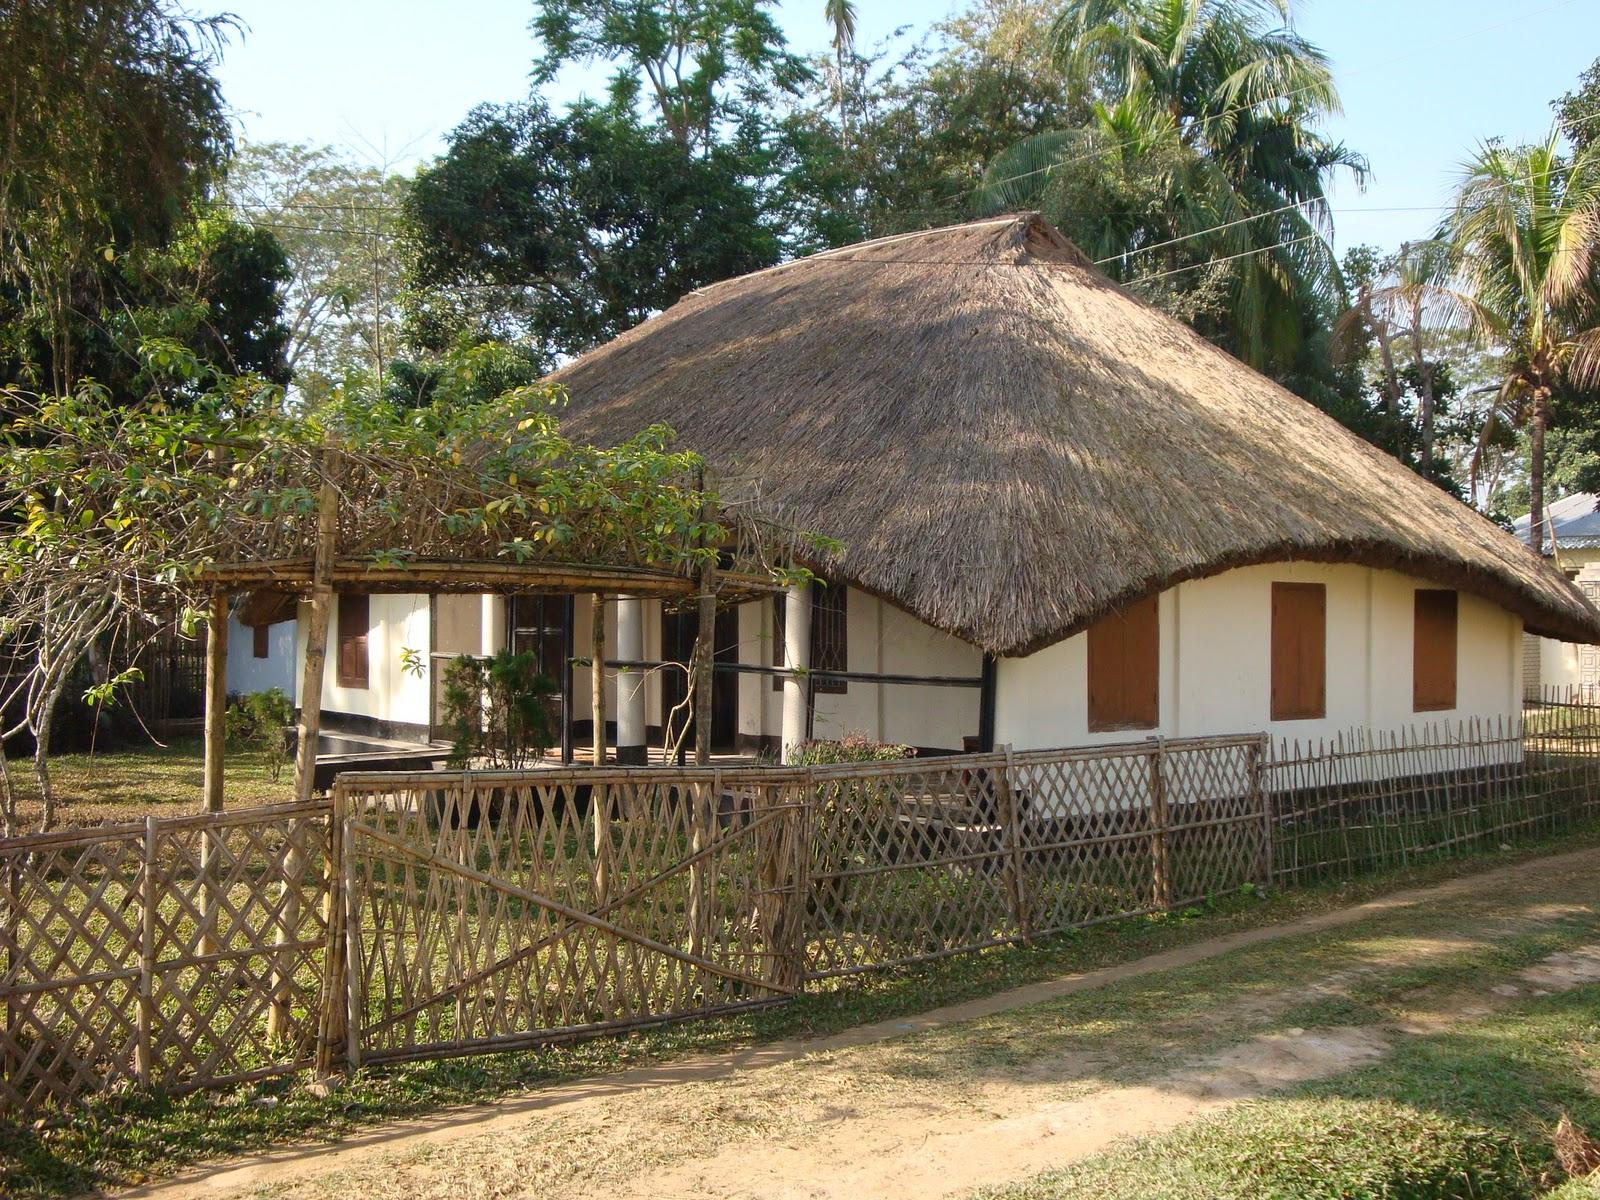 Bangladesh unlocked thatched cottages bangladesh for Bangladeshi house image